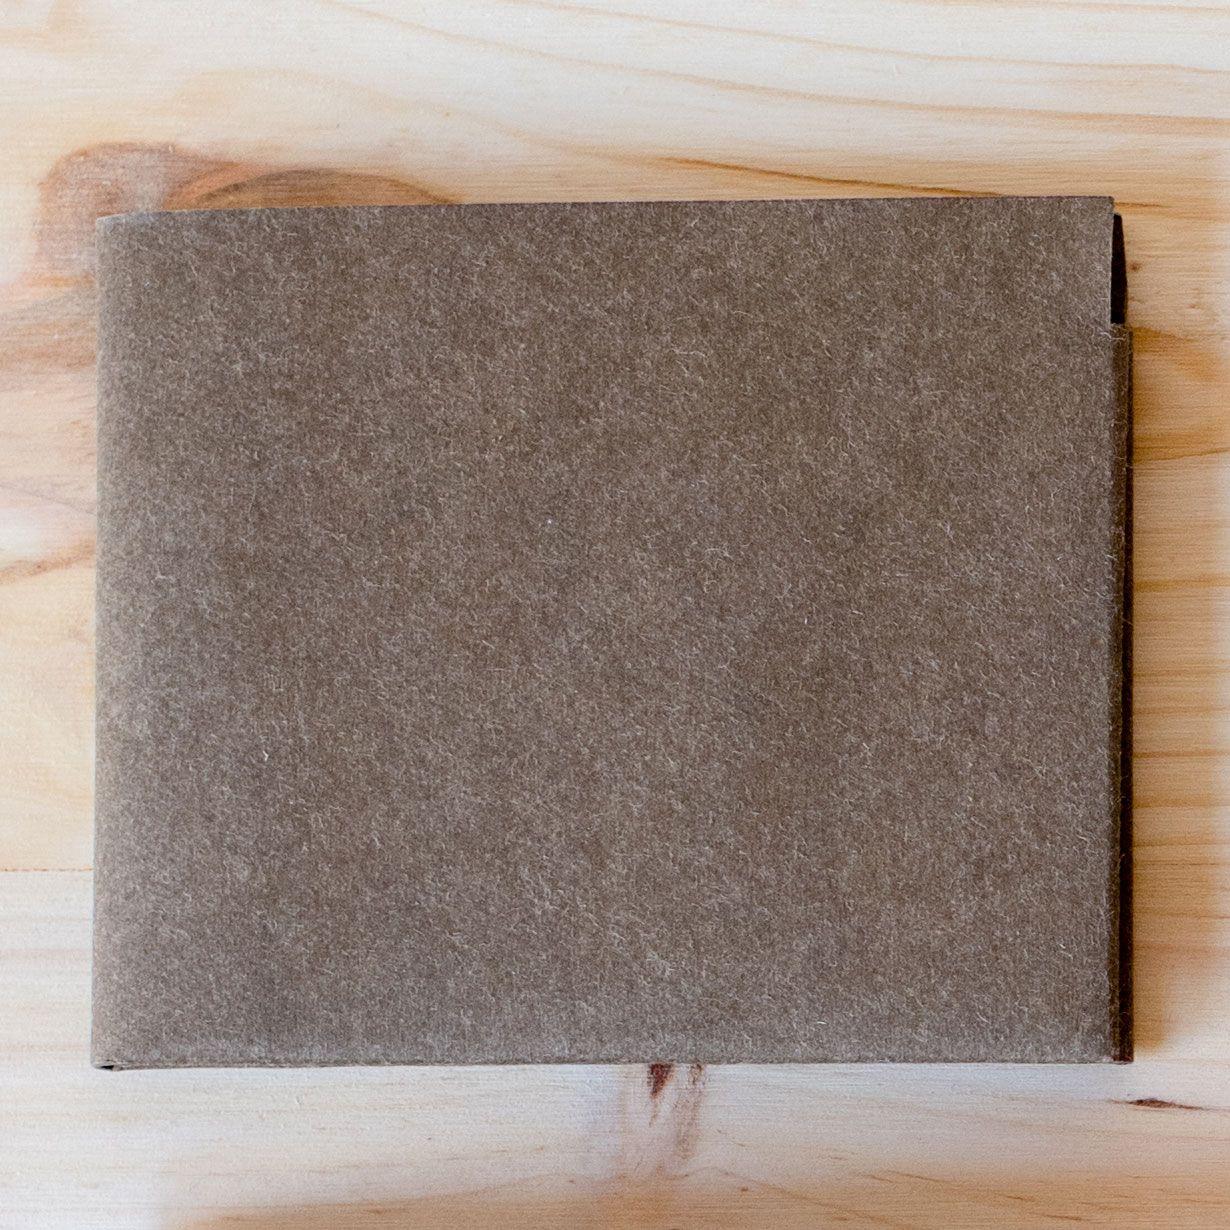 Billetera de papel lavable